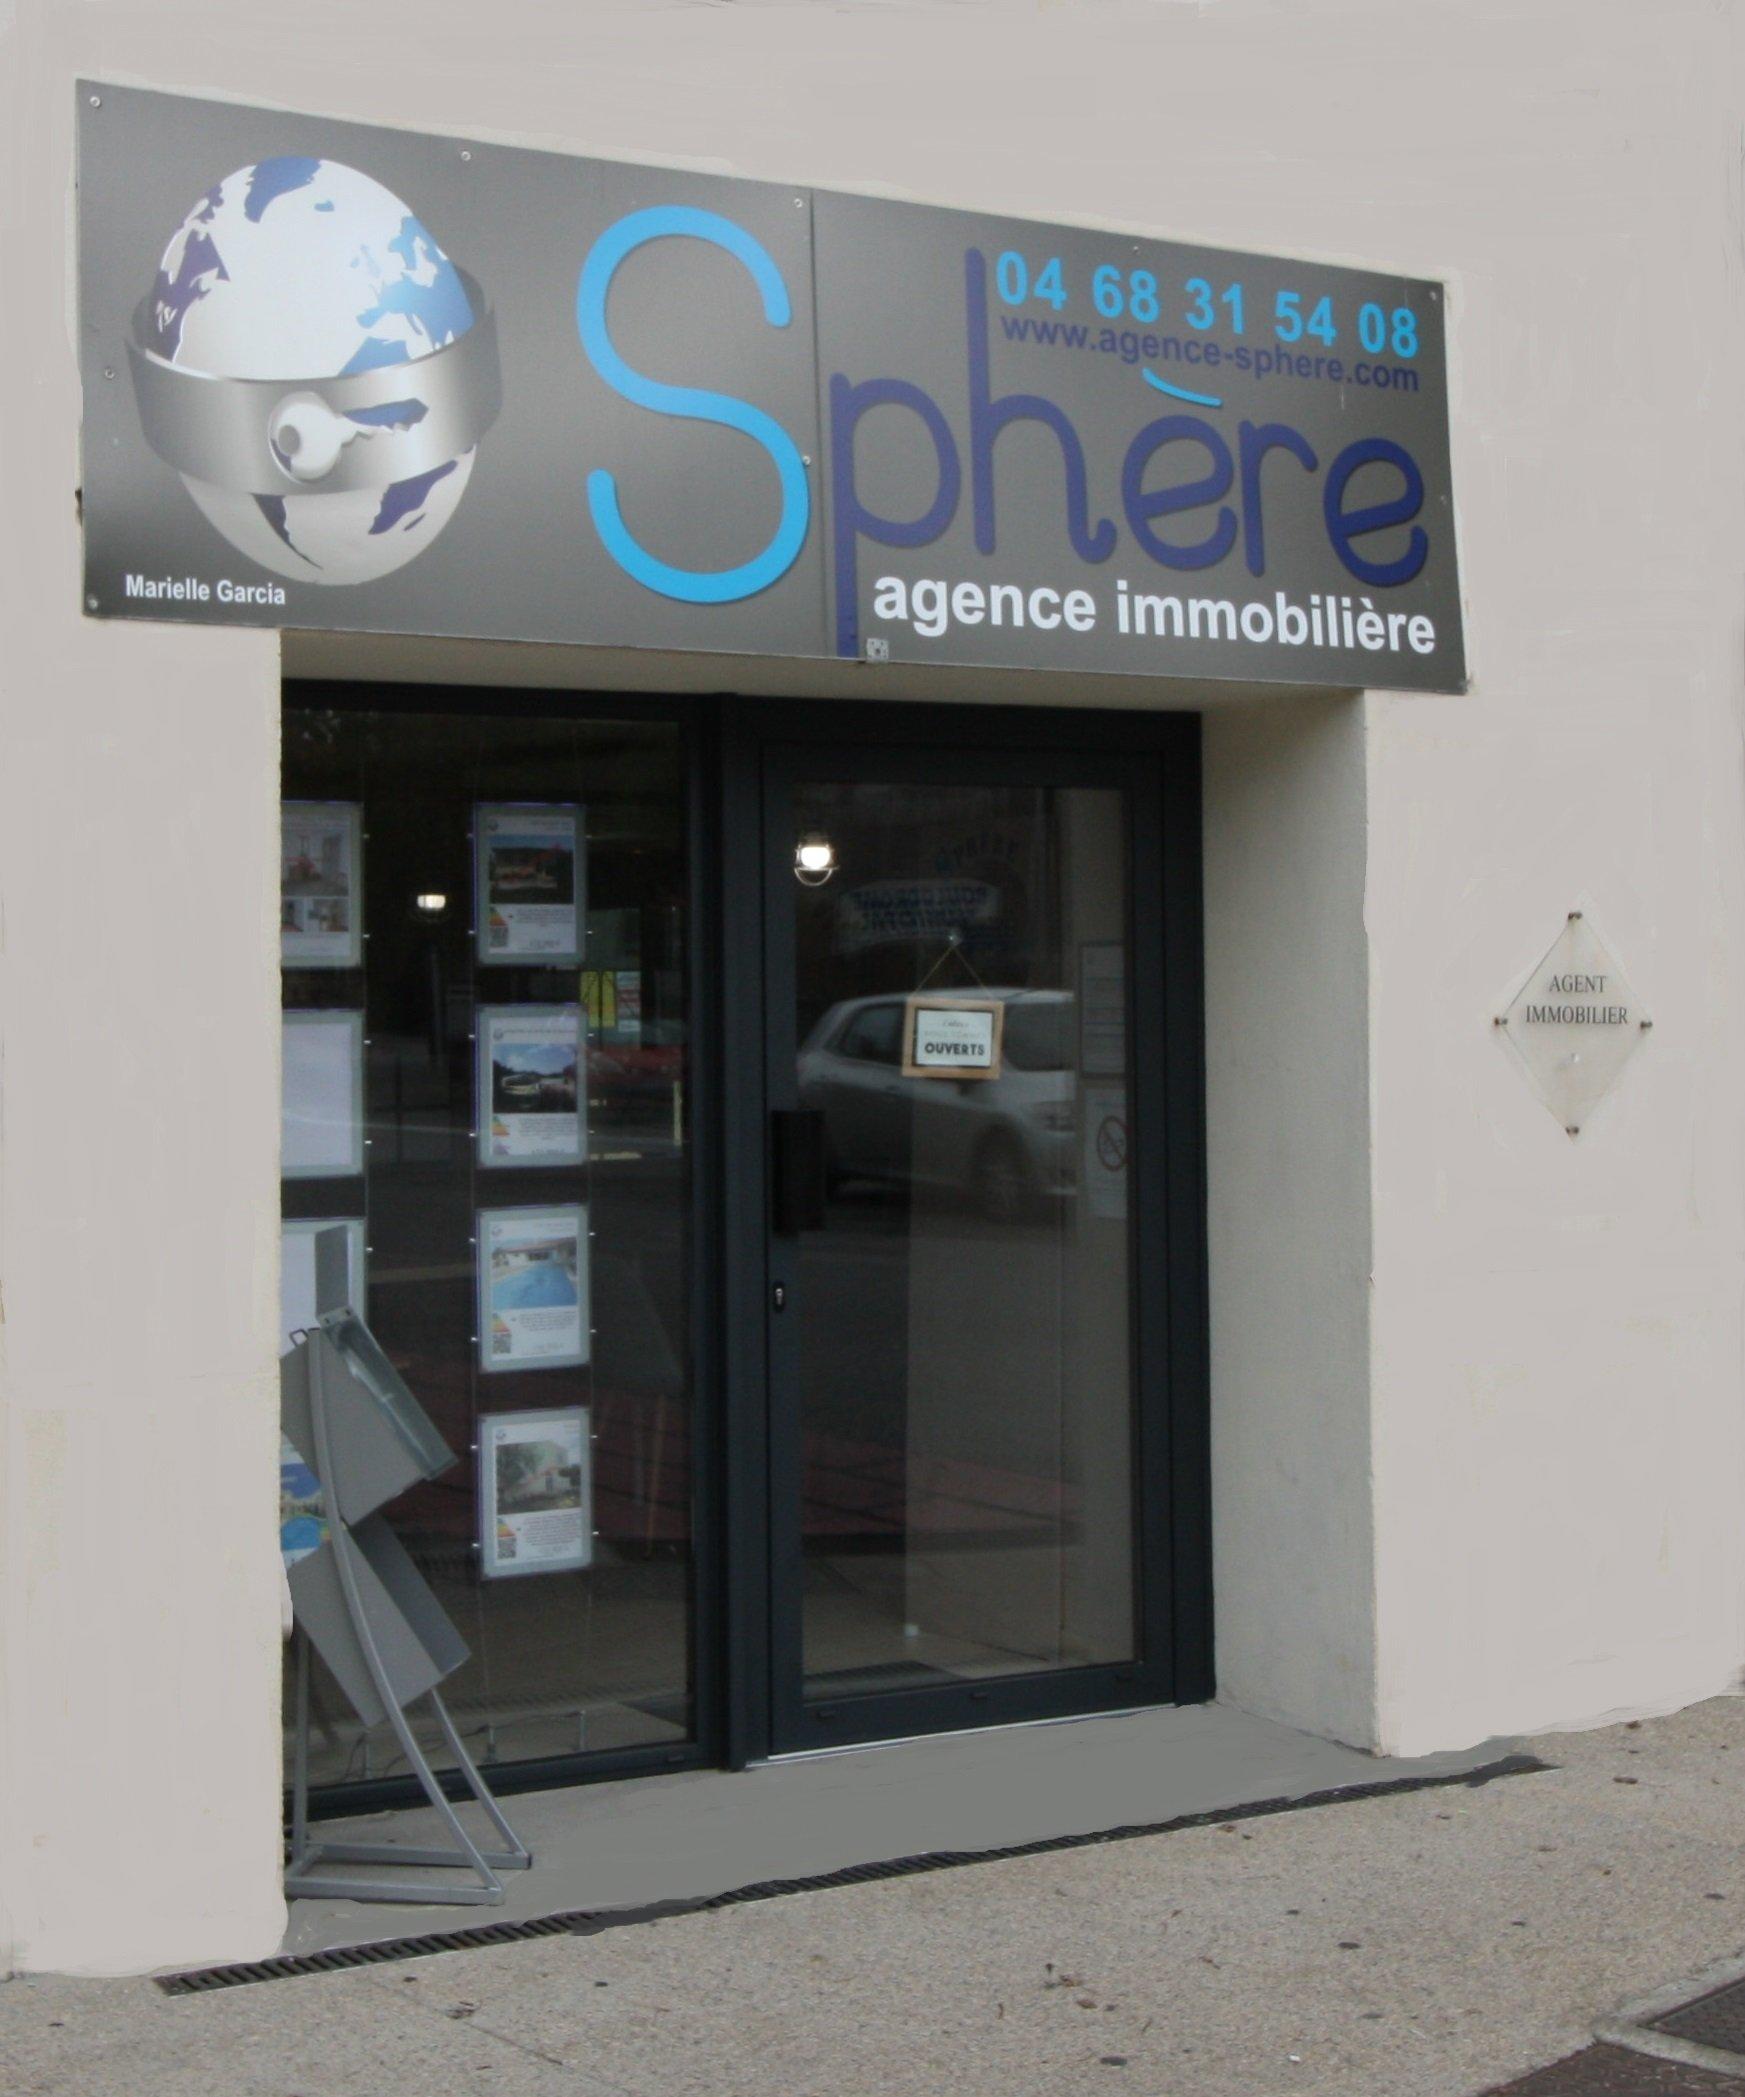 Agence Sphere